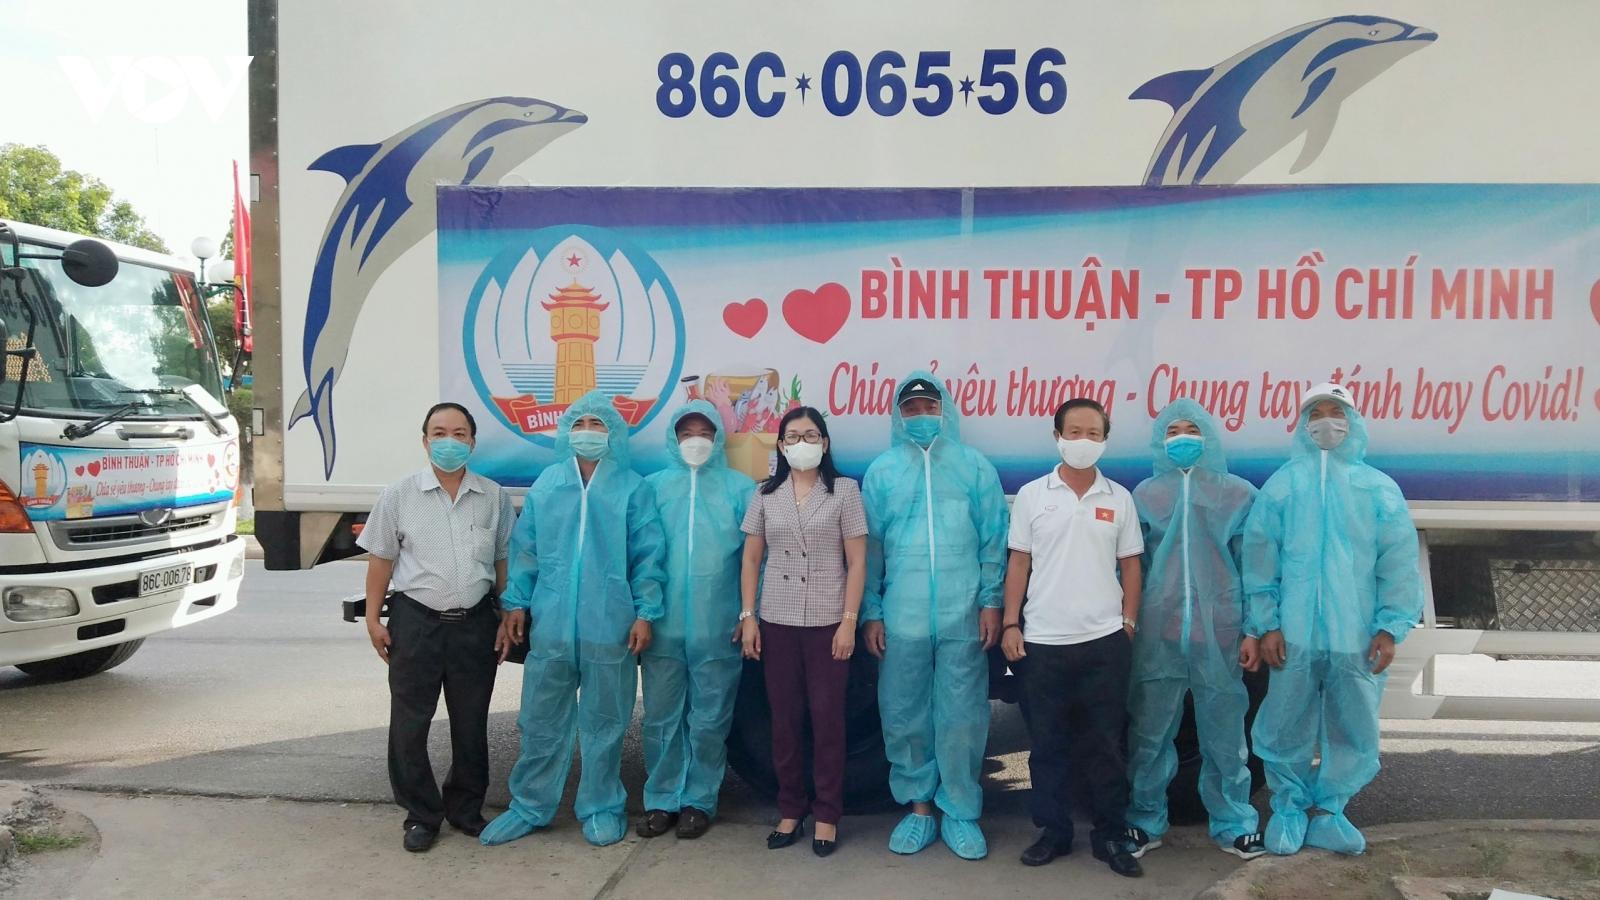 4 chuyến hàng của Bình Thuận đến với nhân dân TP.HCM